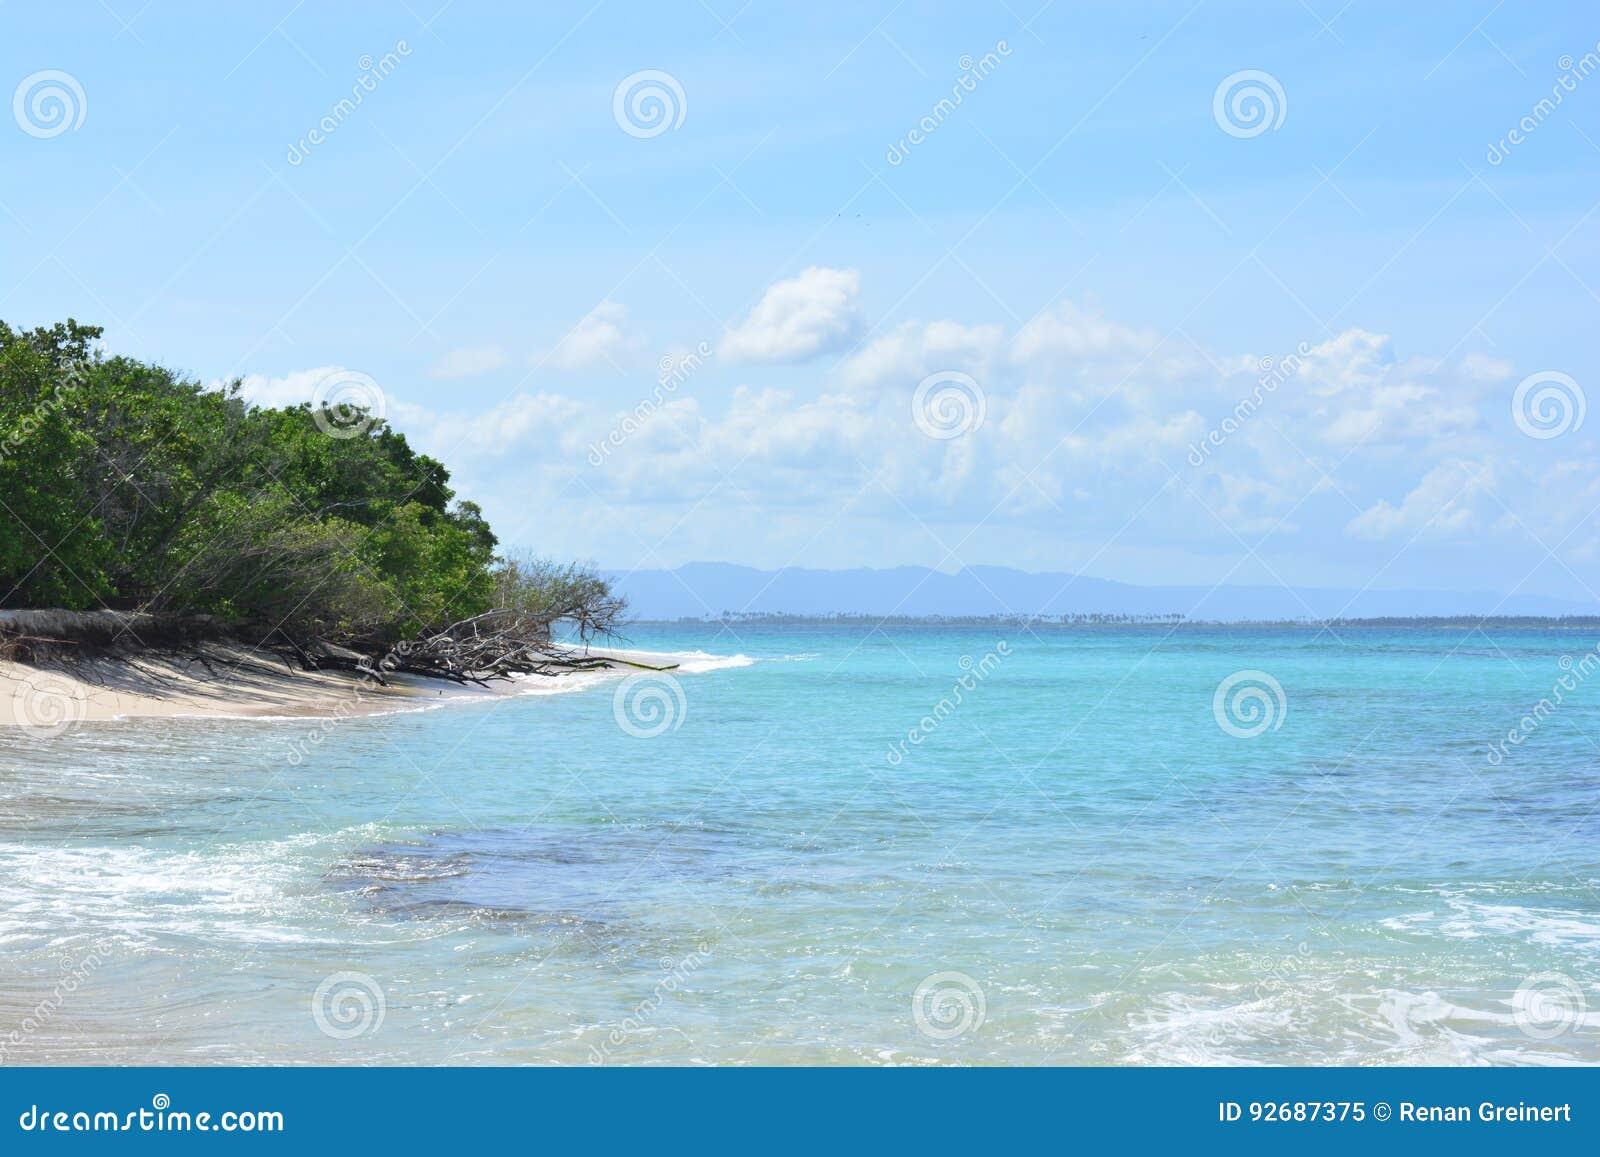 Borracho Insel An Nationalpark Morrocoy Karibisches Meer Venezuela